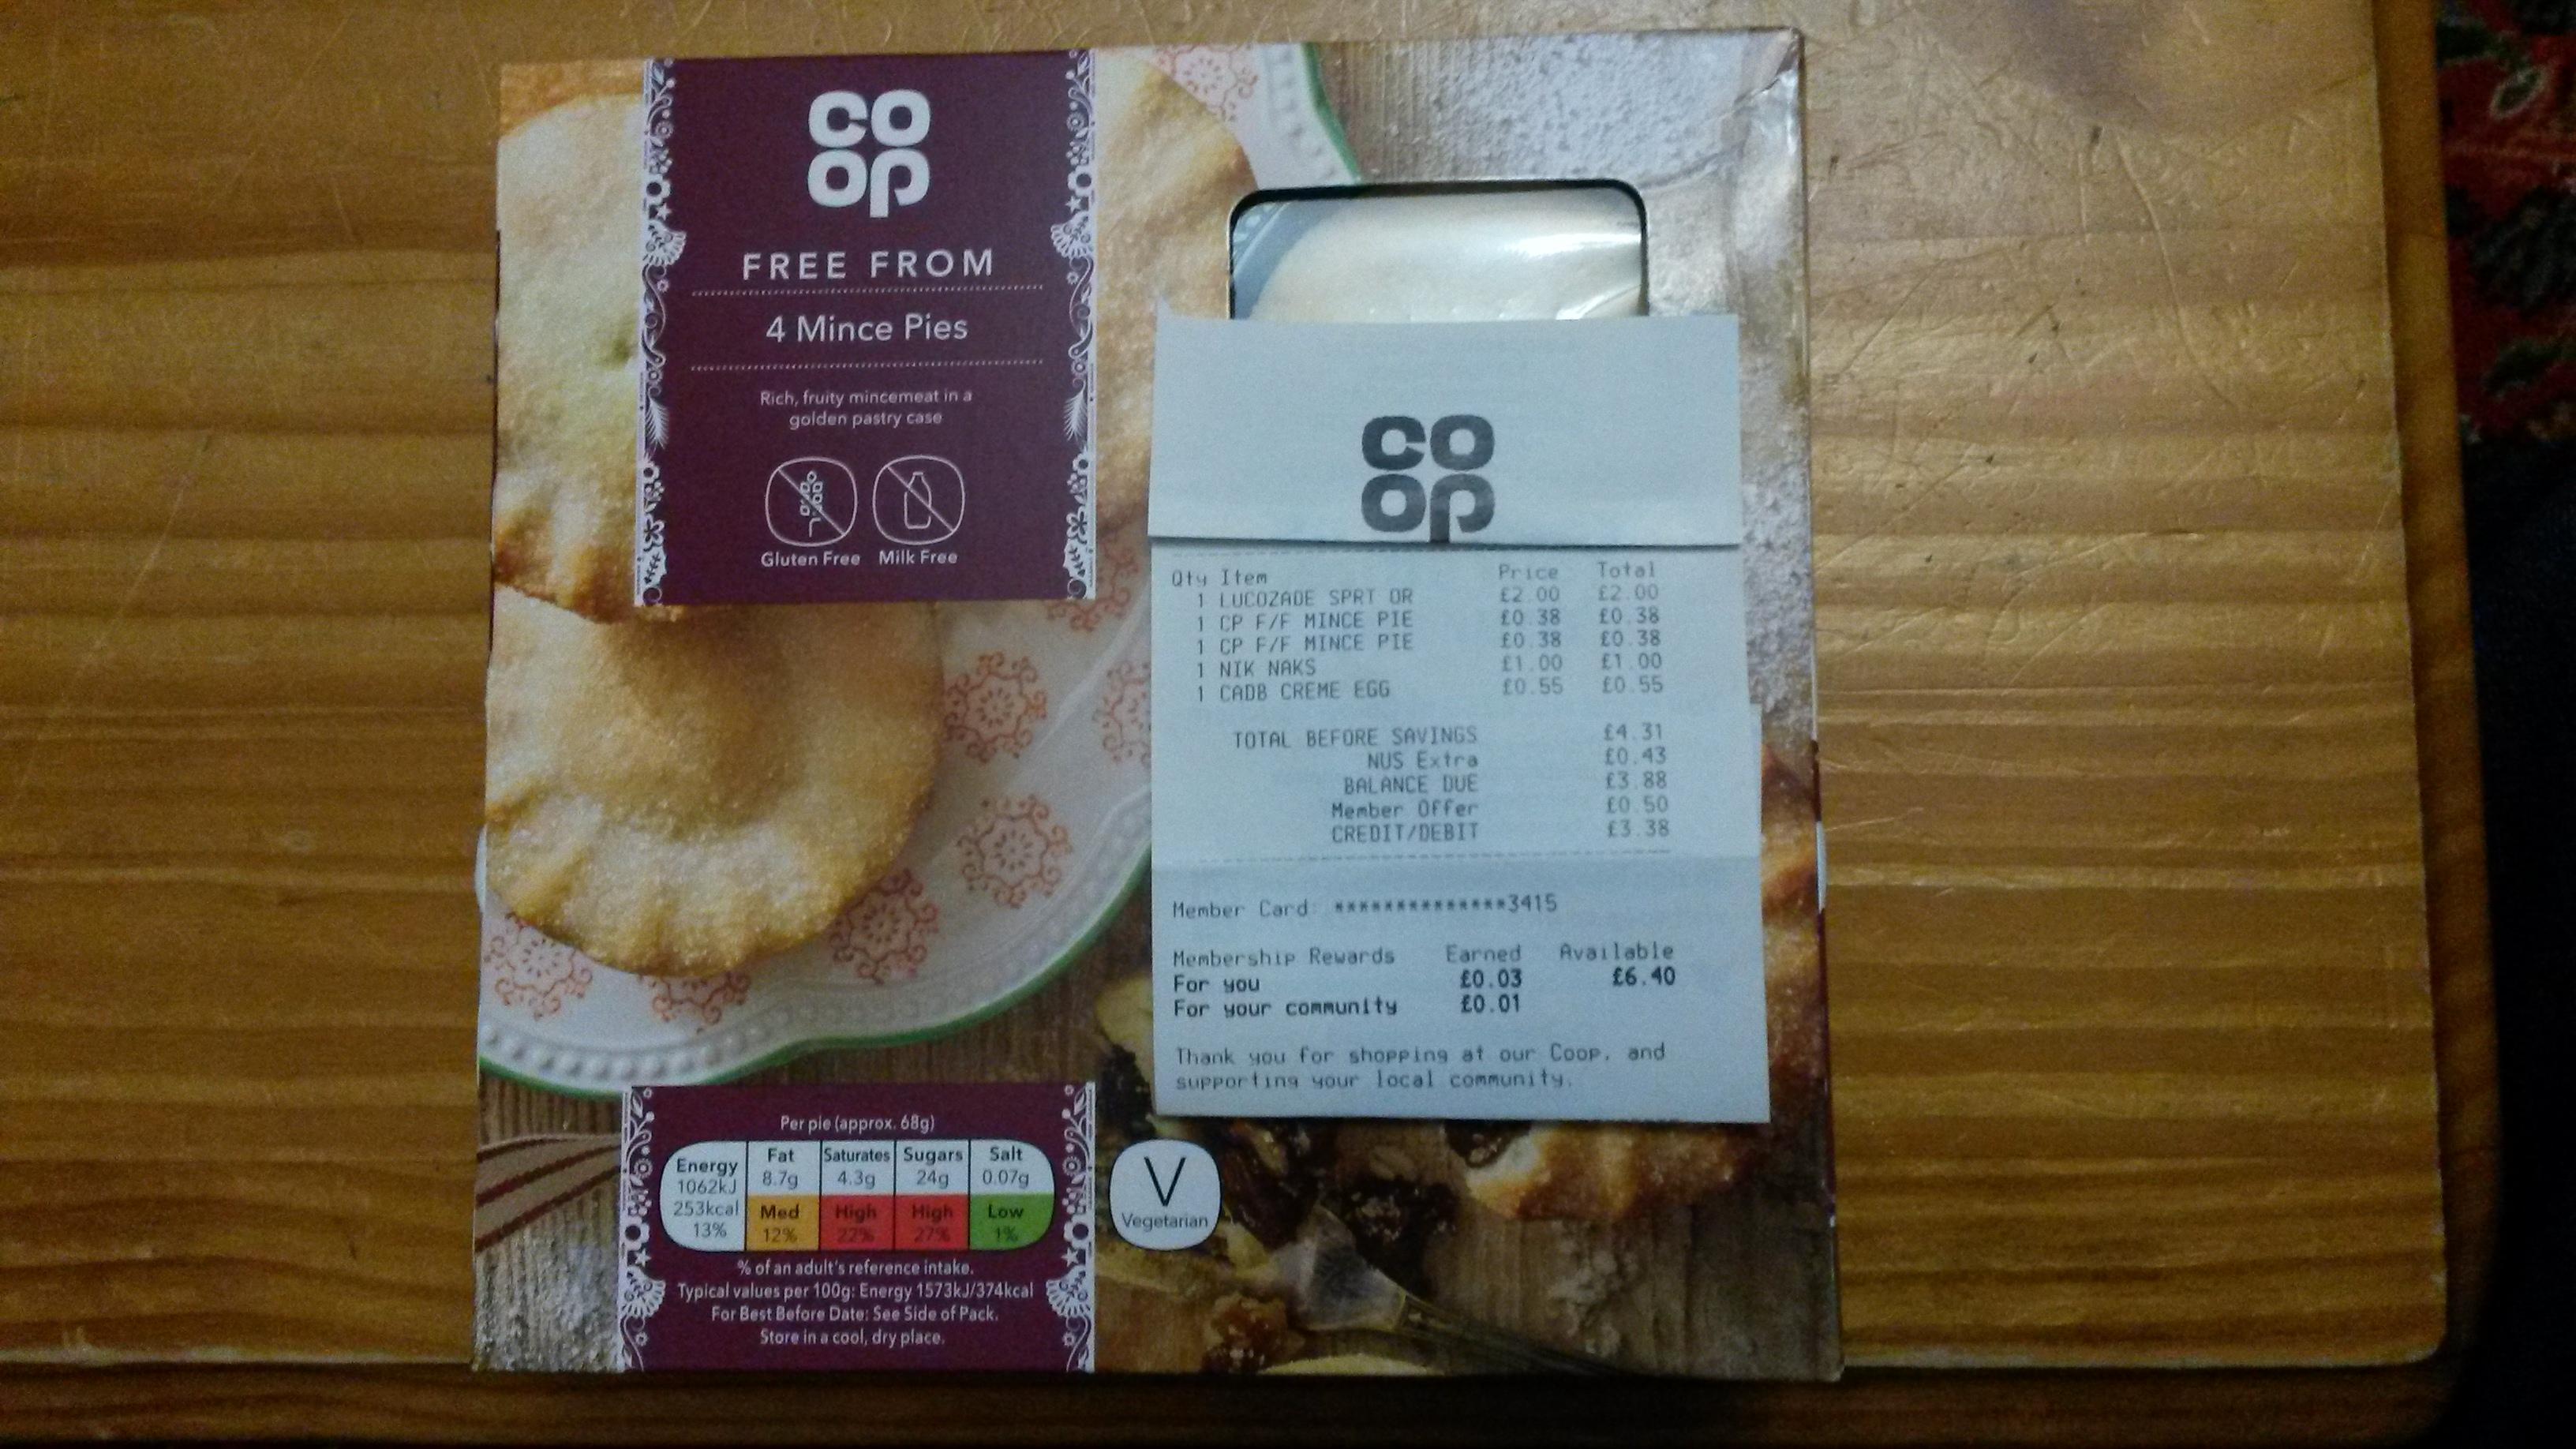 4 Mince Pies Gluten Free Milk Free 38p @ Co-op